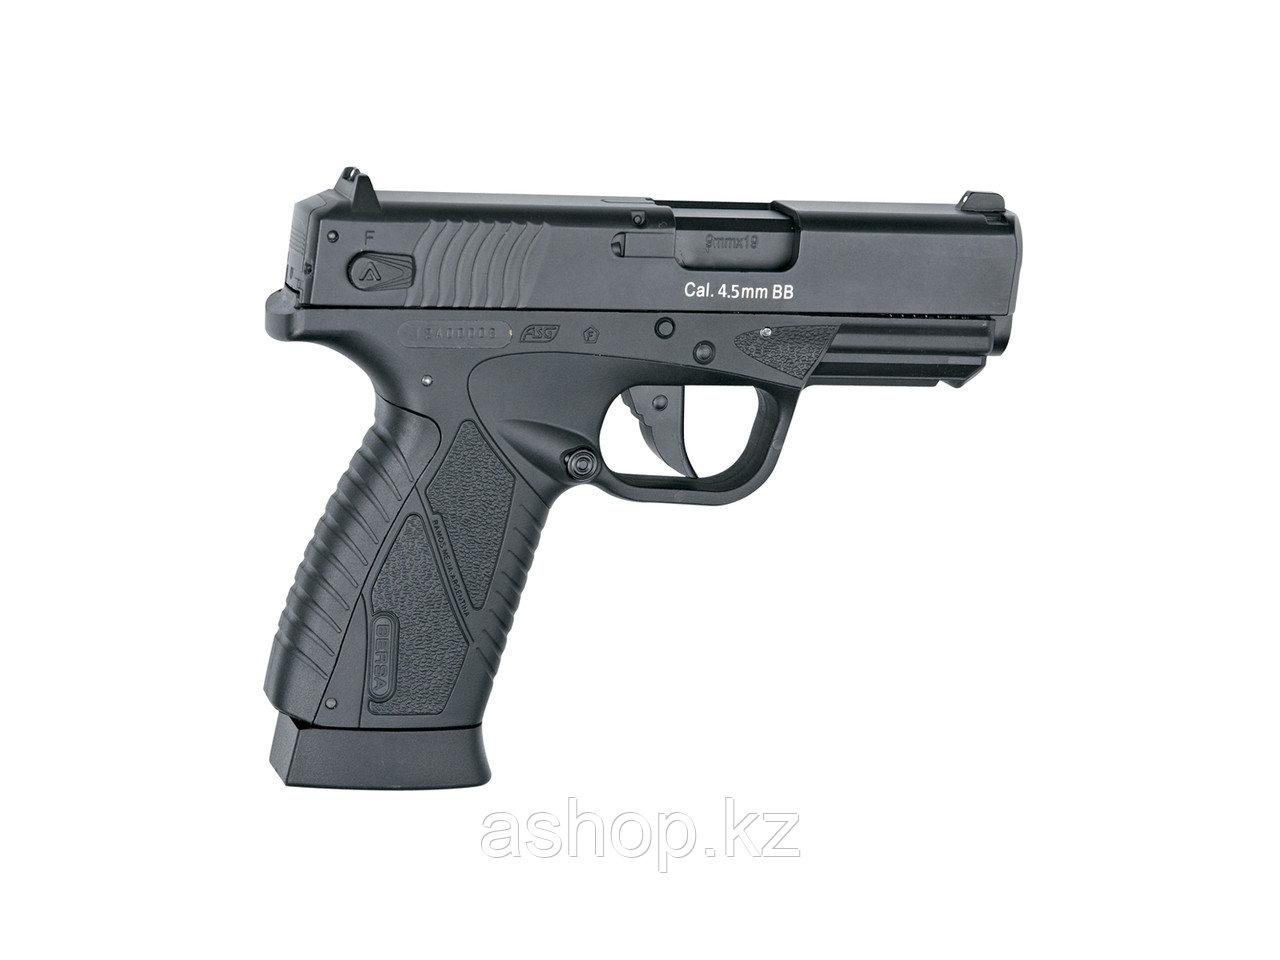 Пистолет пневматический ASG BERSA BP9CC, Калибр: 4,5 мм (.177, BB), Дульная энергия: 2,1 Дж, Ёмкость магазина